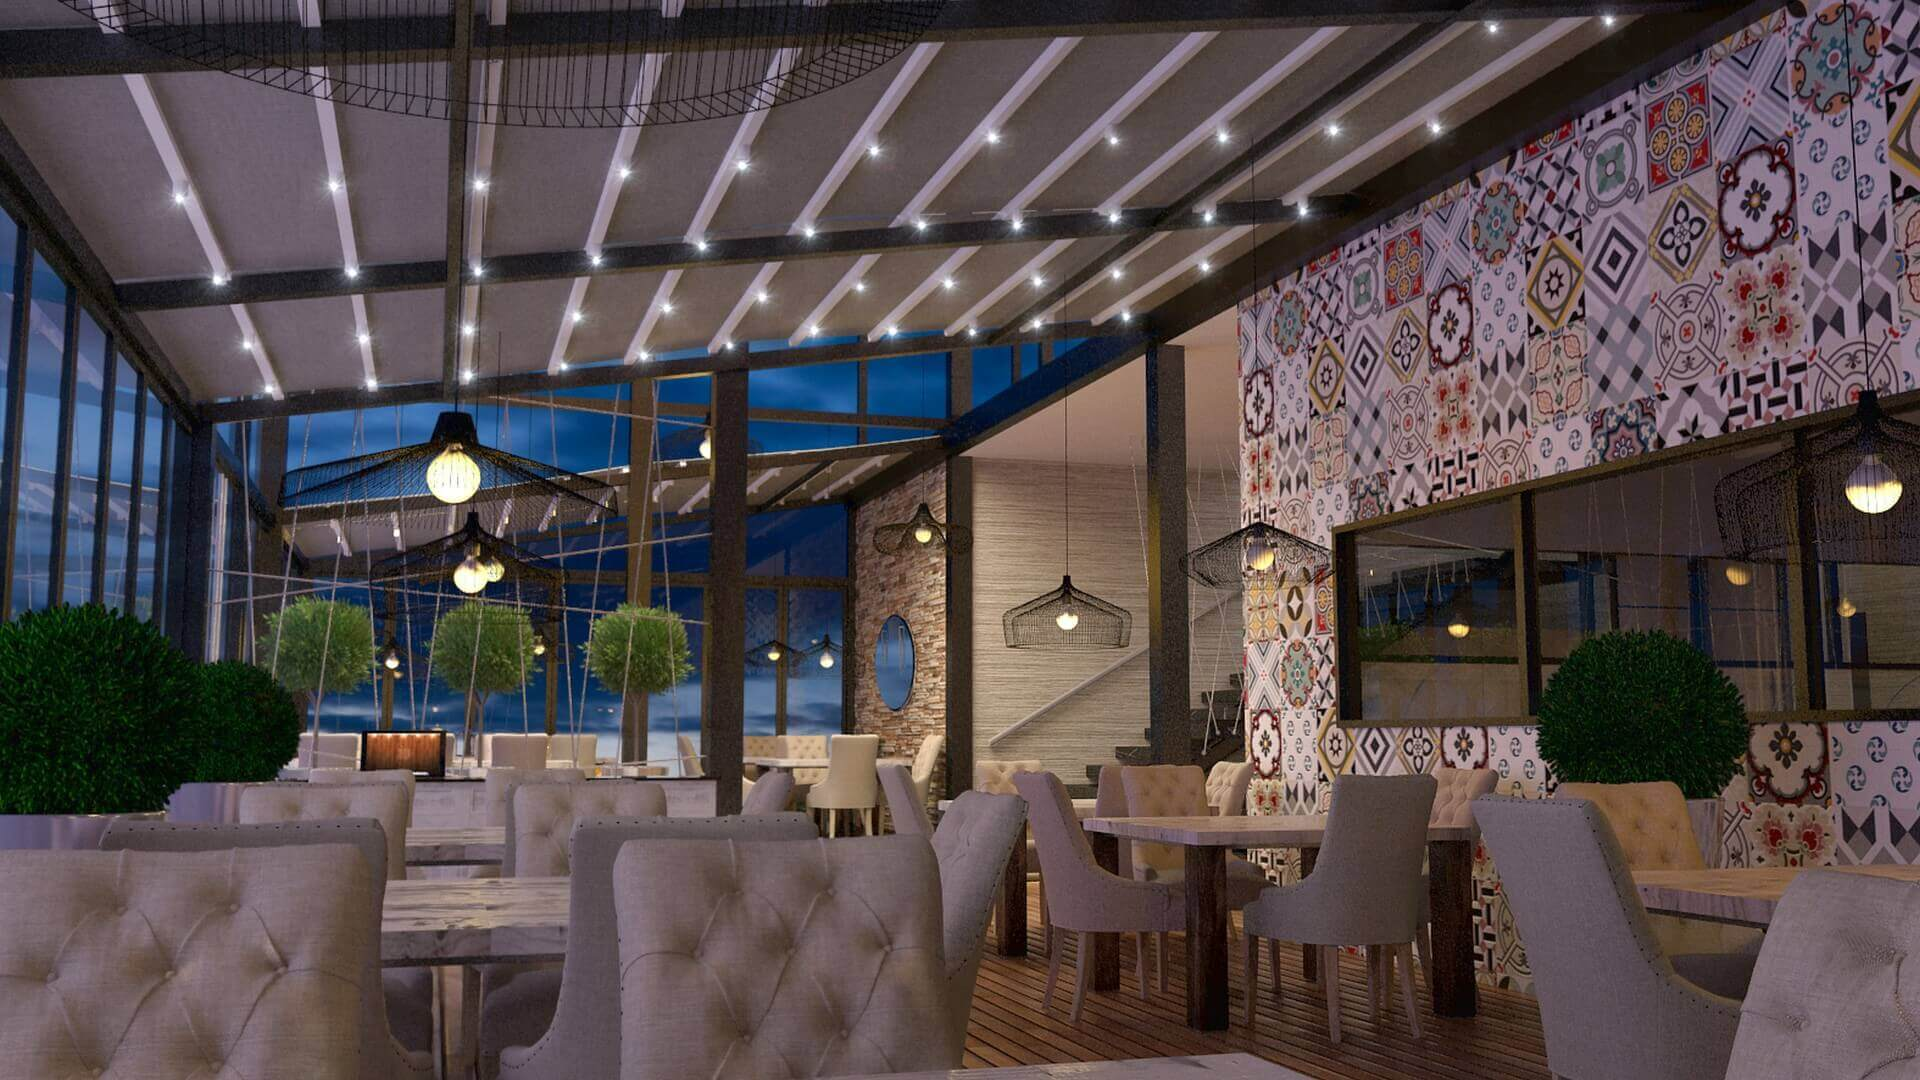 restaurant interior 2090 Iskenderun Restaurant Restaurants